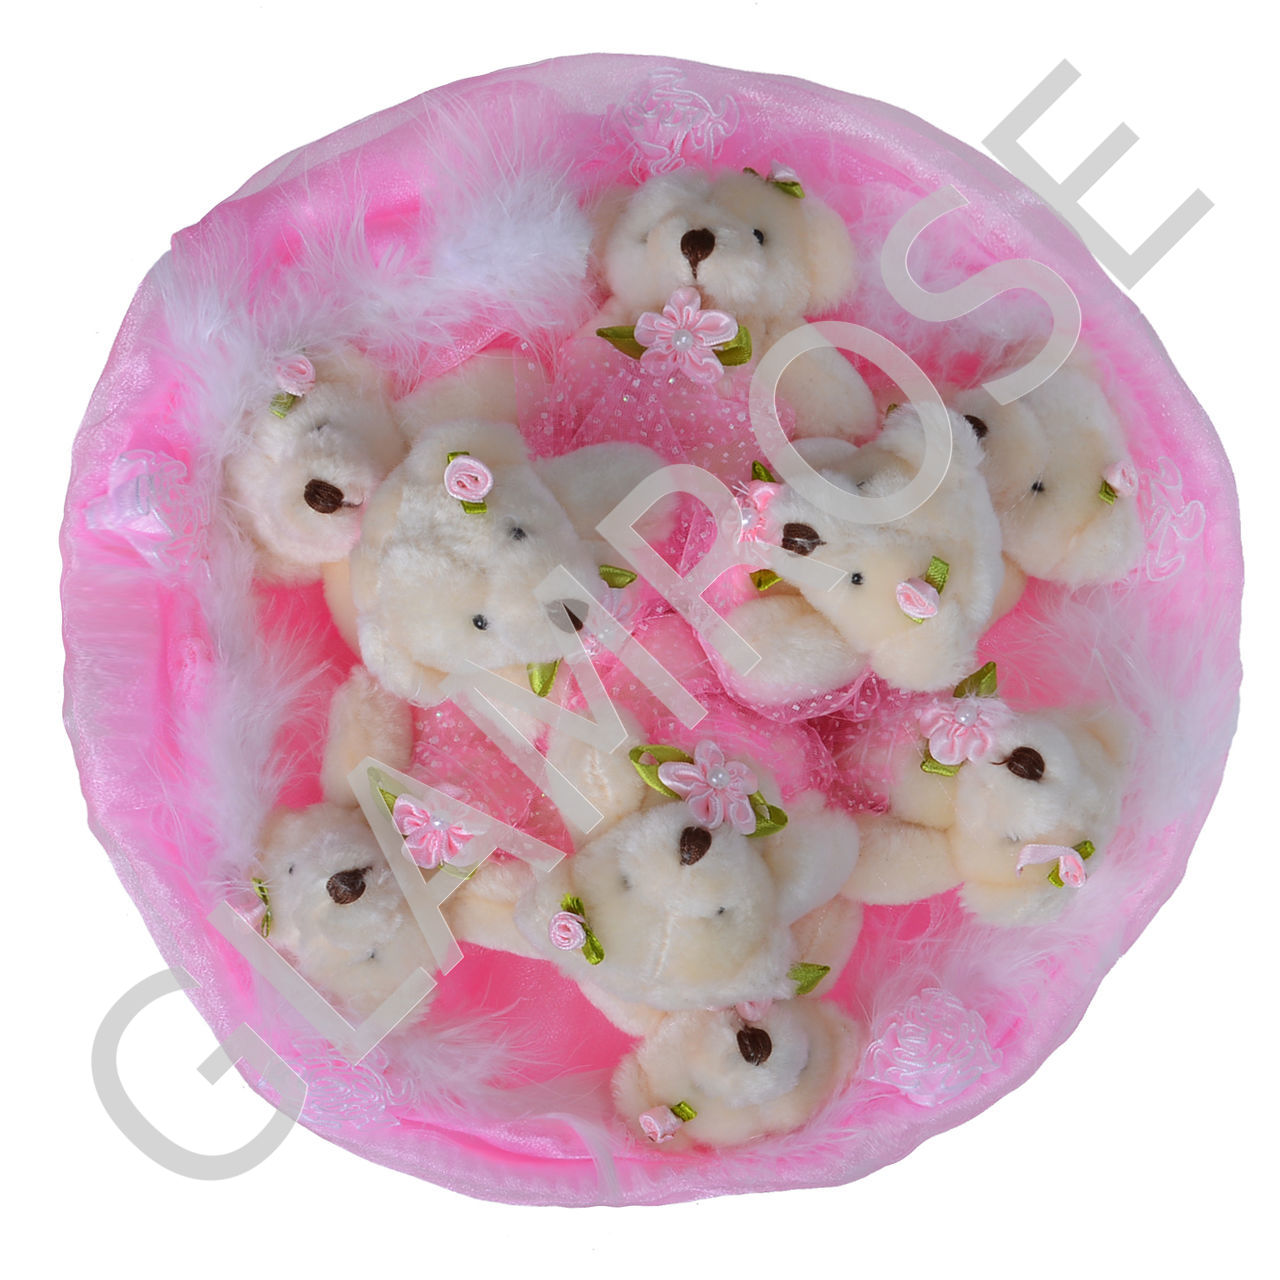 Заказать букет из мишек спб самоцветы уурашения купить опт